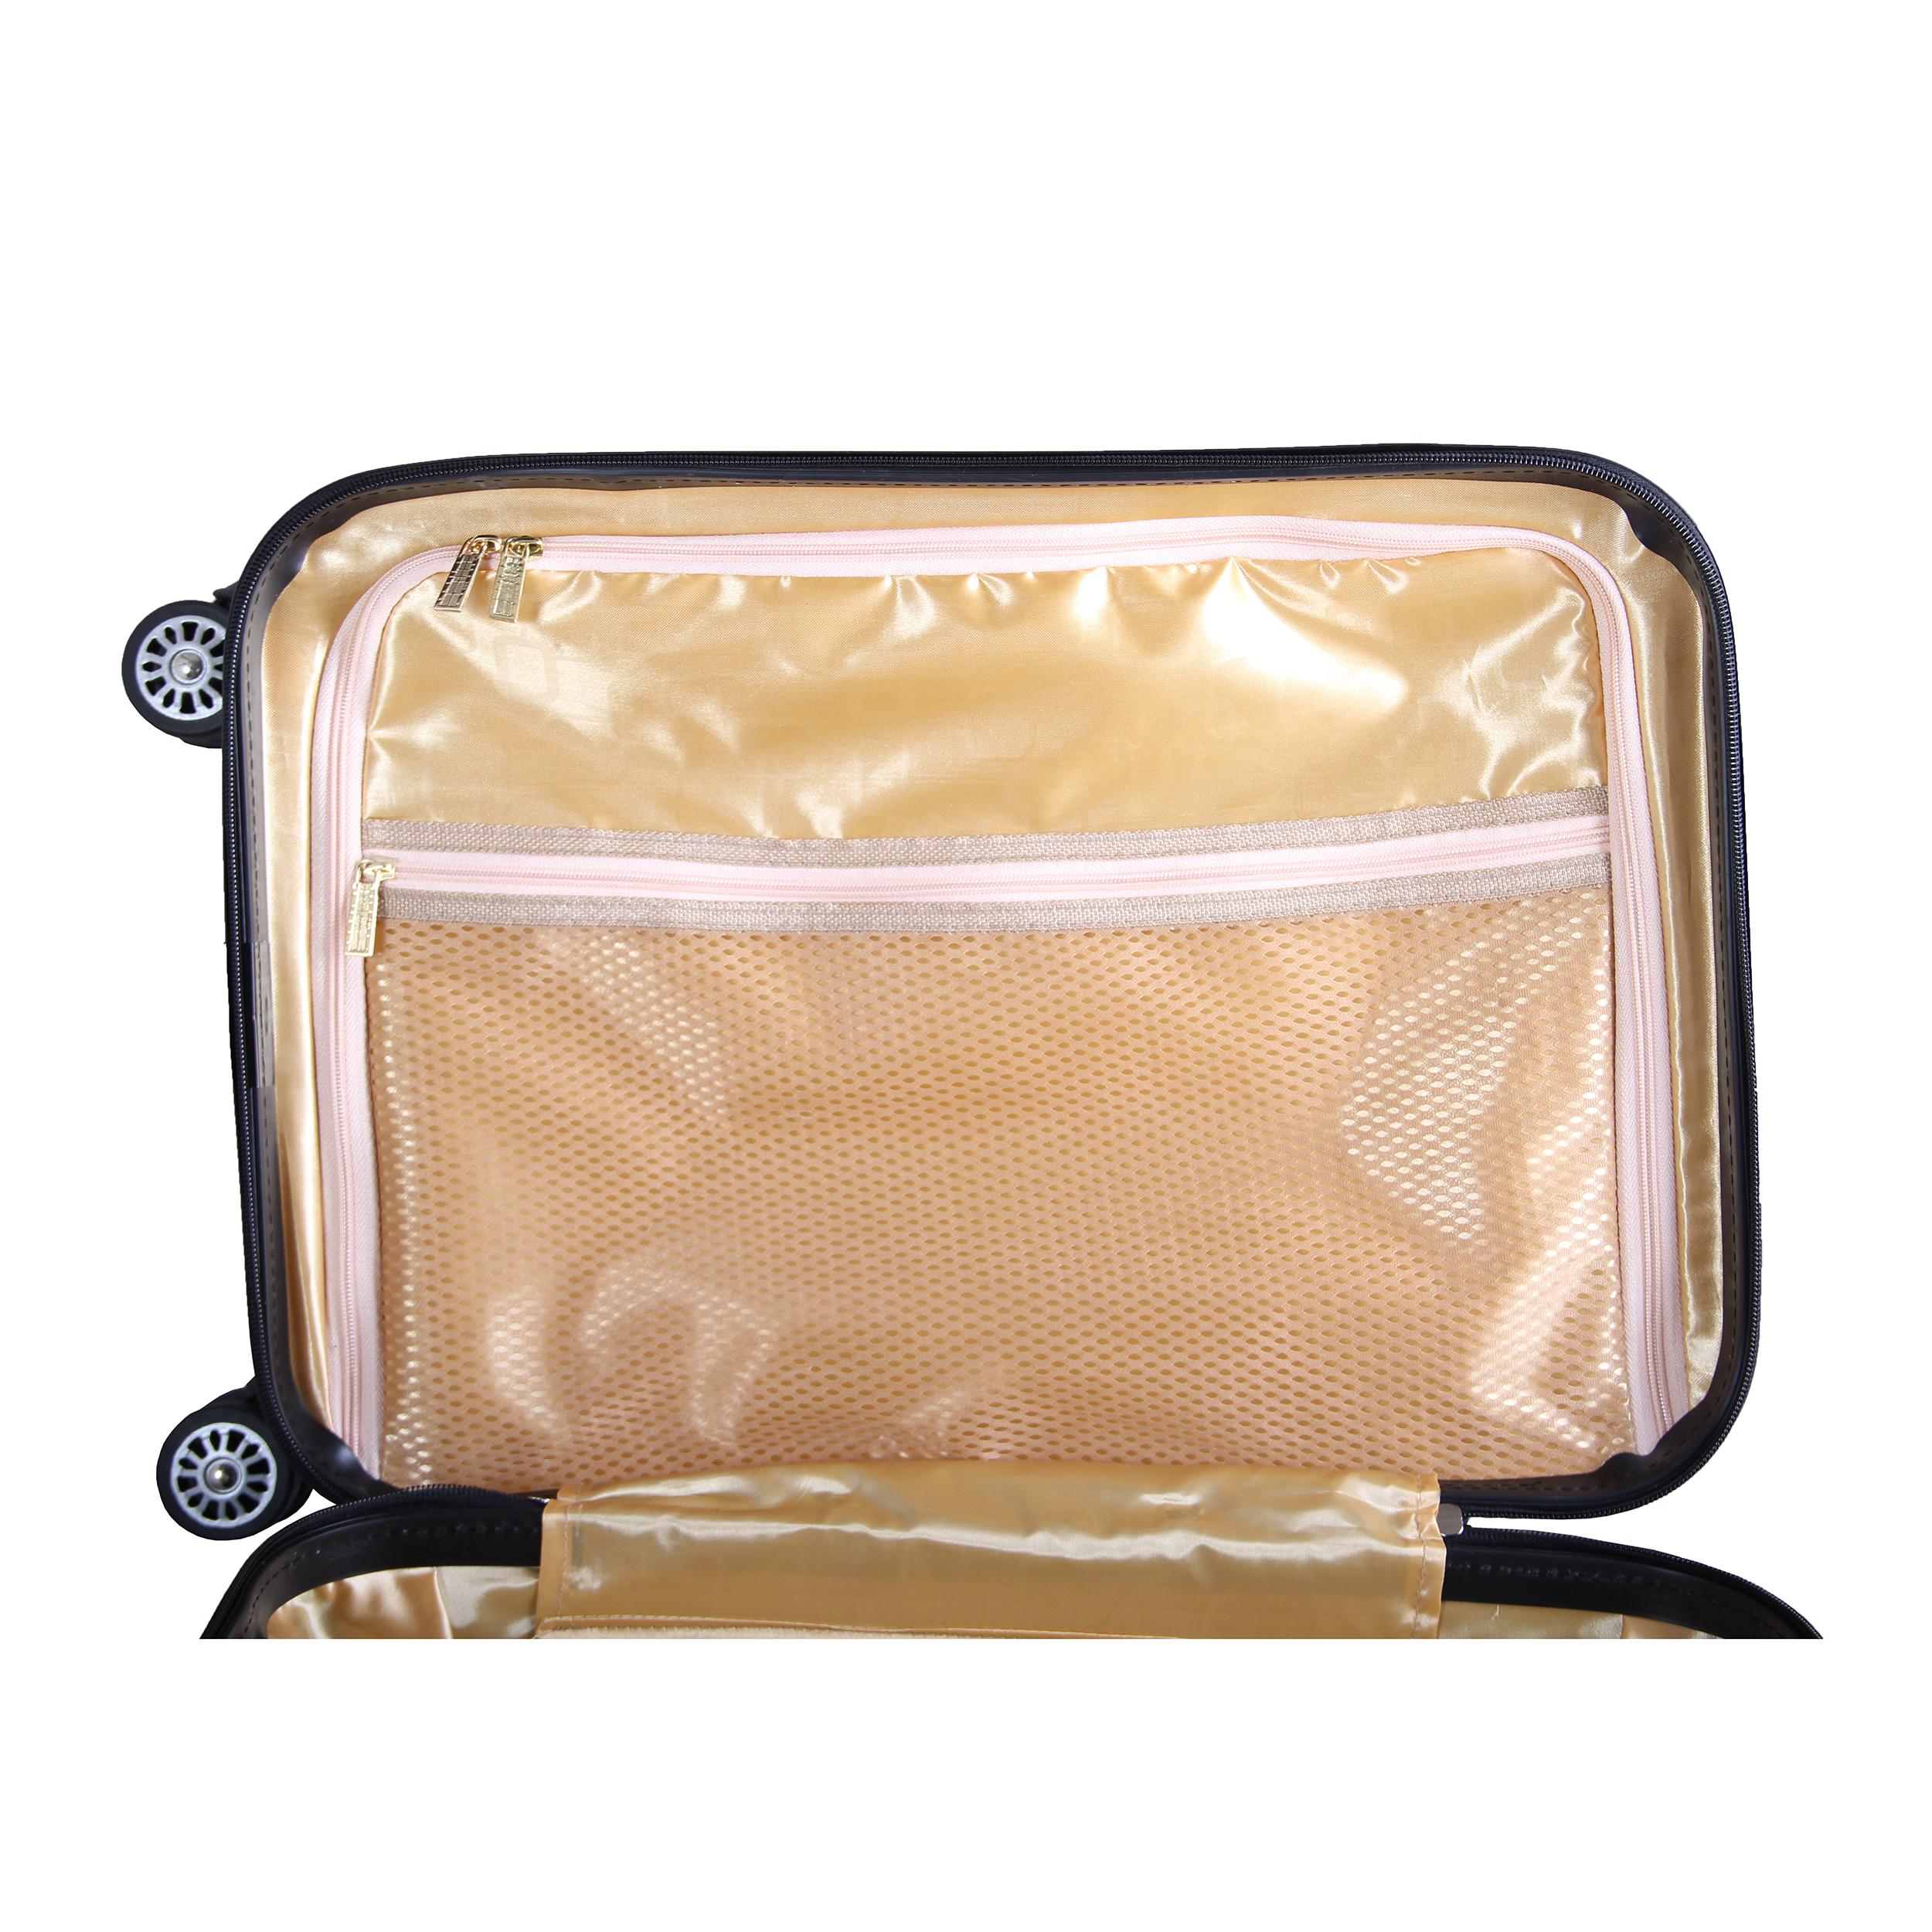 مجموعه چهار عددی چمدان اسپرت من مدل NS001 main 1 36